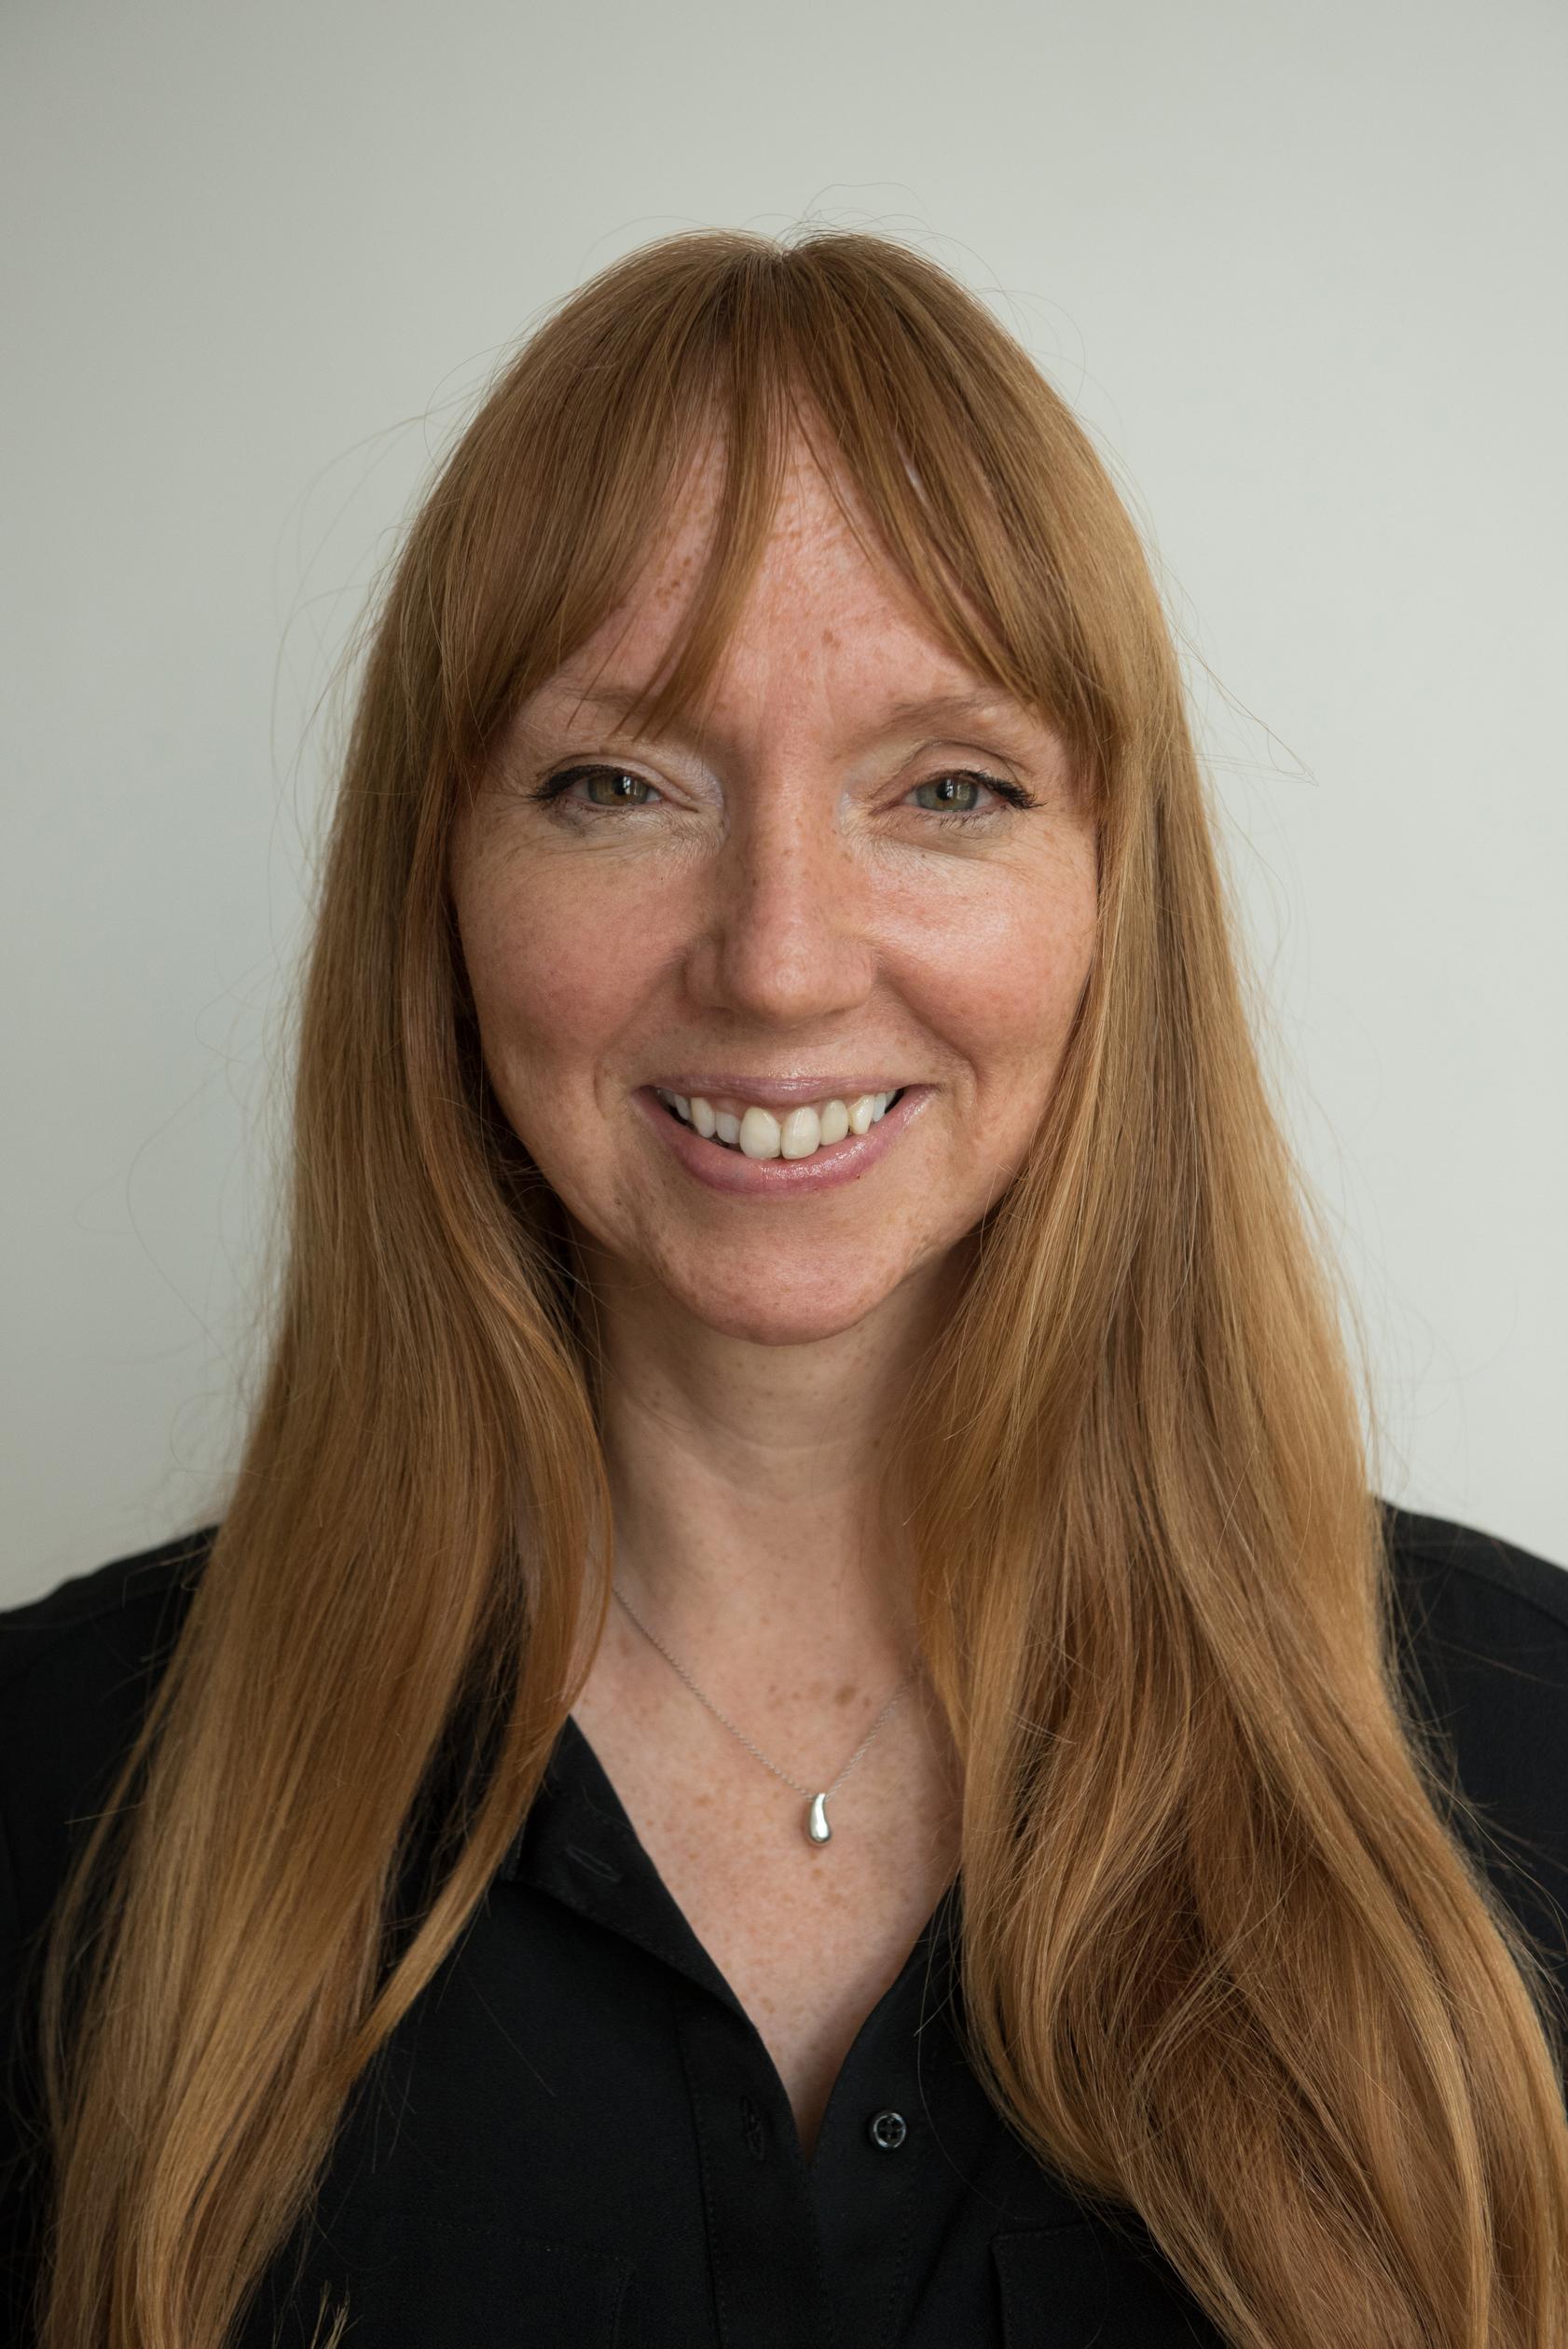 Susan Philipsz. Foto: Franziska Sinn